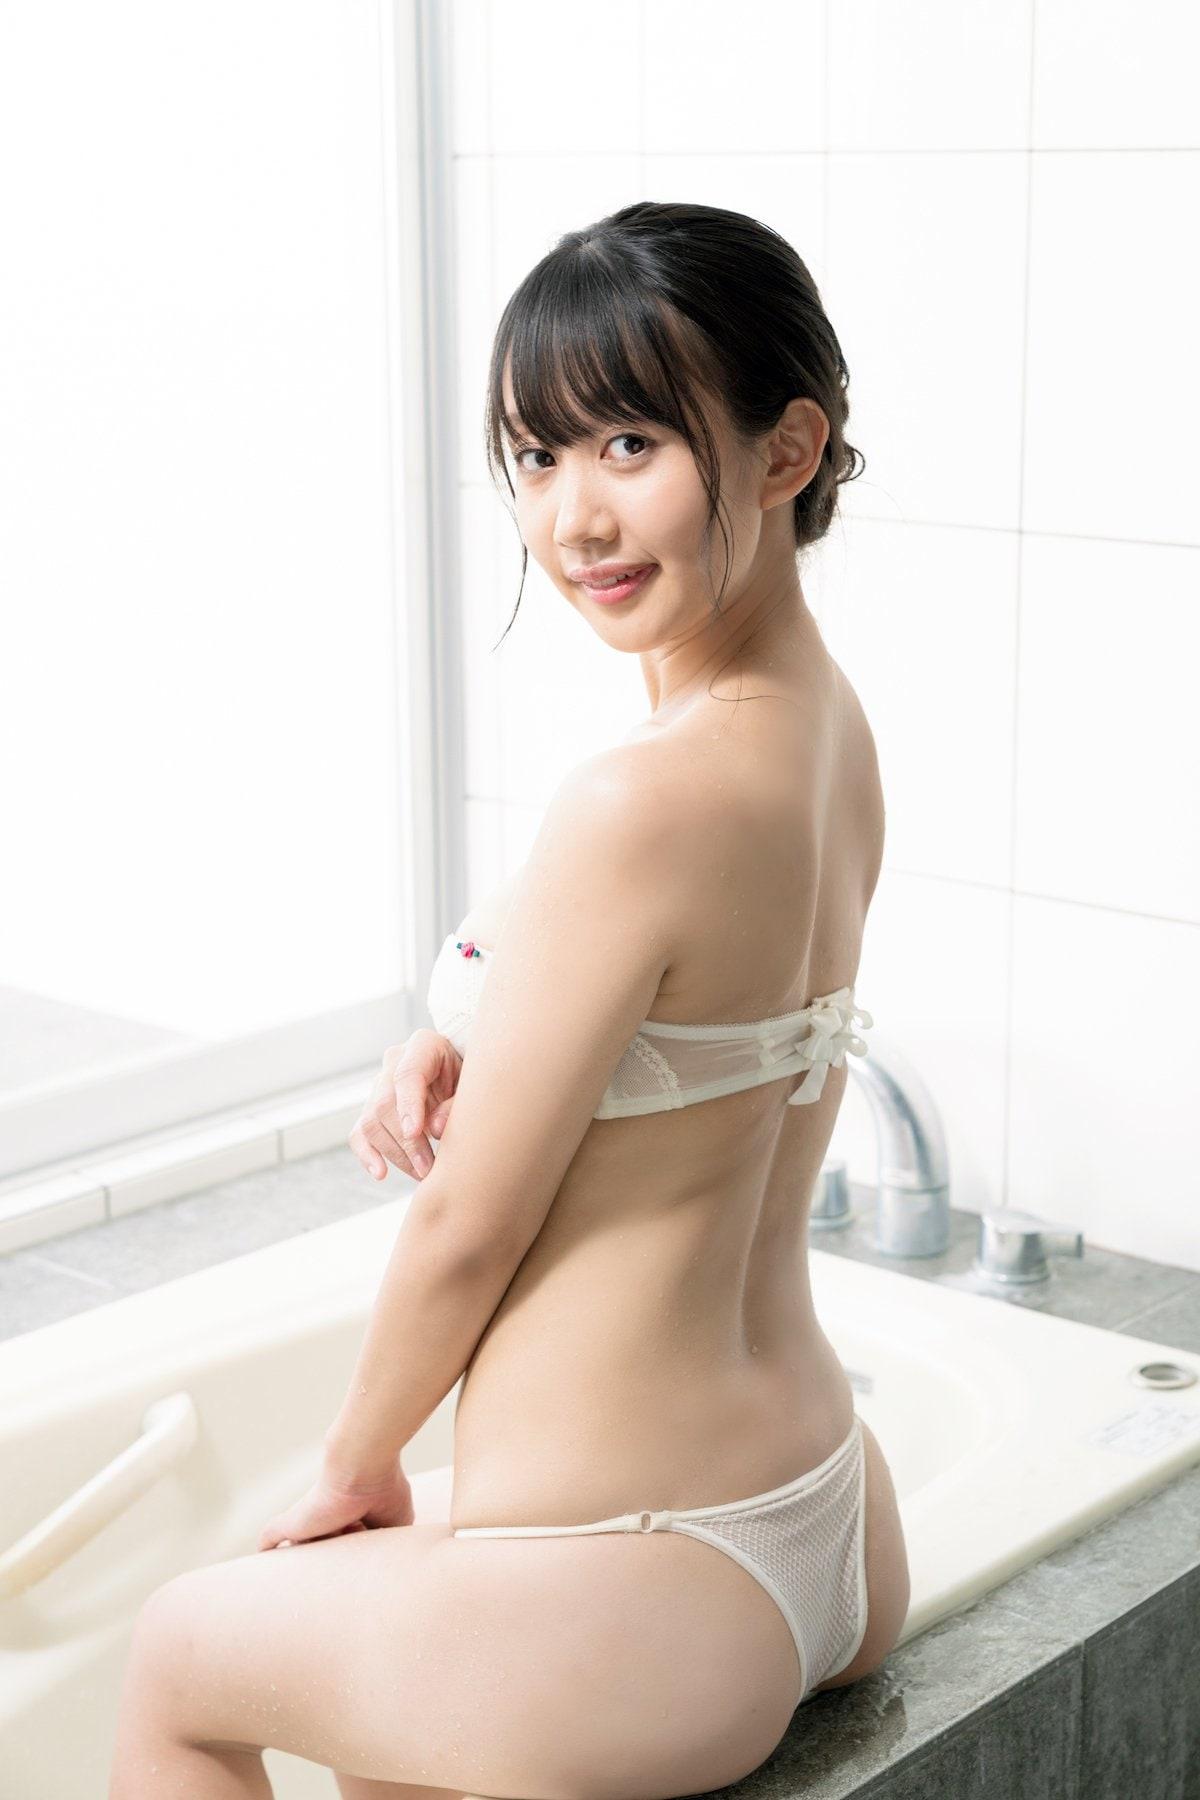 丹由美子「新進気鋭の女優が脱いじゃった!」むちむちボディに夢中!【画像12枚】の画像008